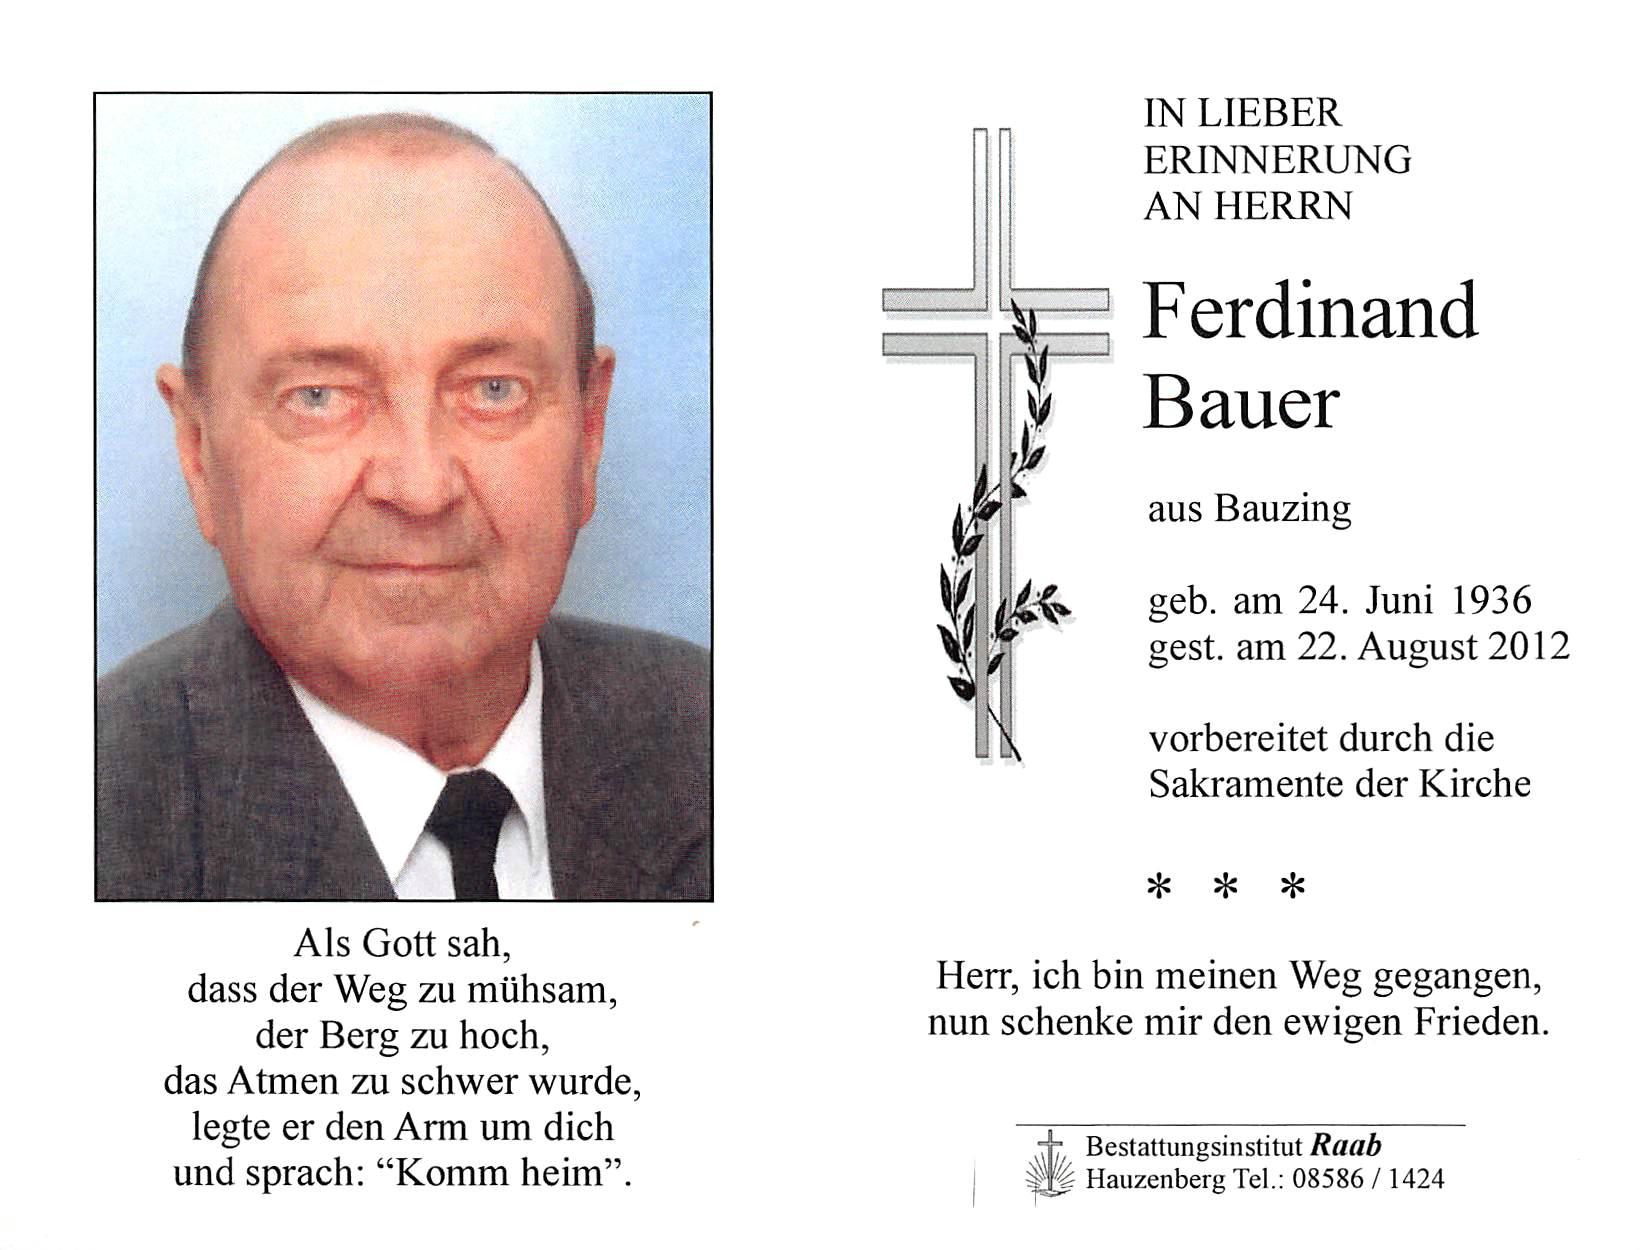 2012-08-22-Bauer-Ferdinand-Bauzing